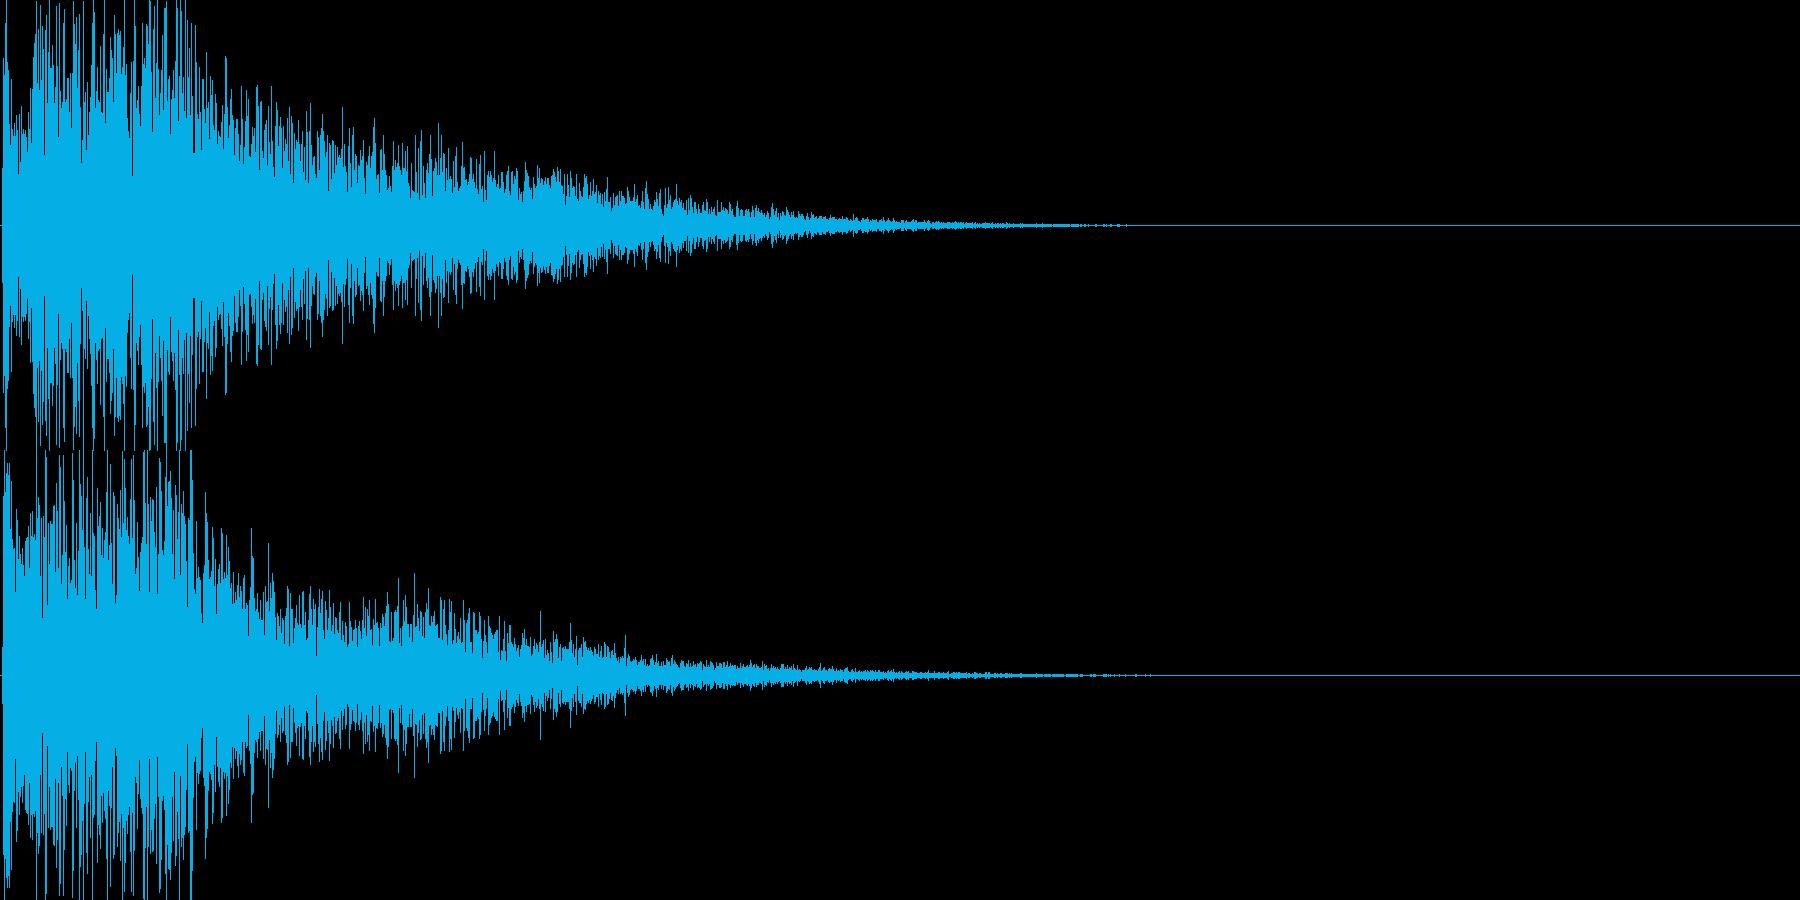 ジャラーン(決定音、起動音、ゲーム等に)の再生済みの波形